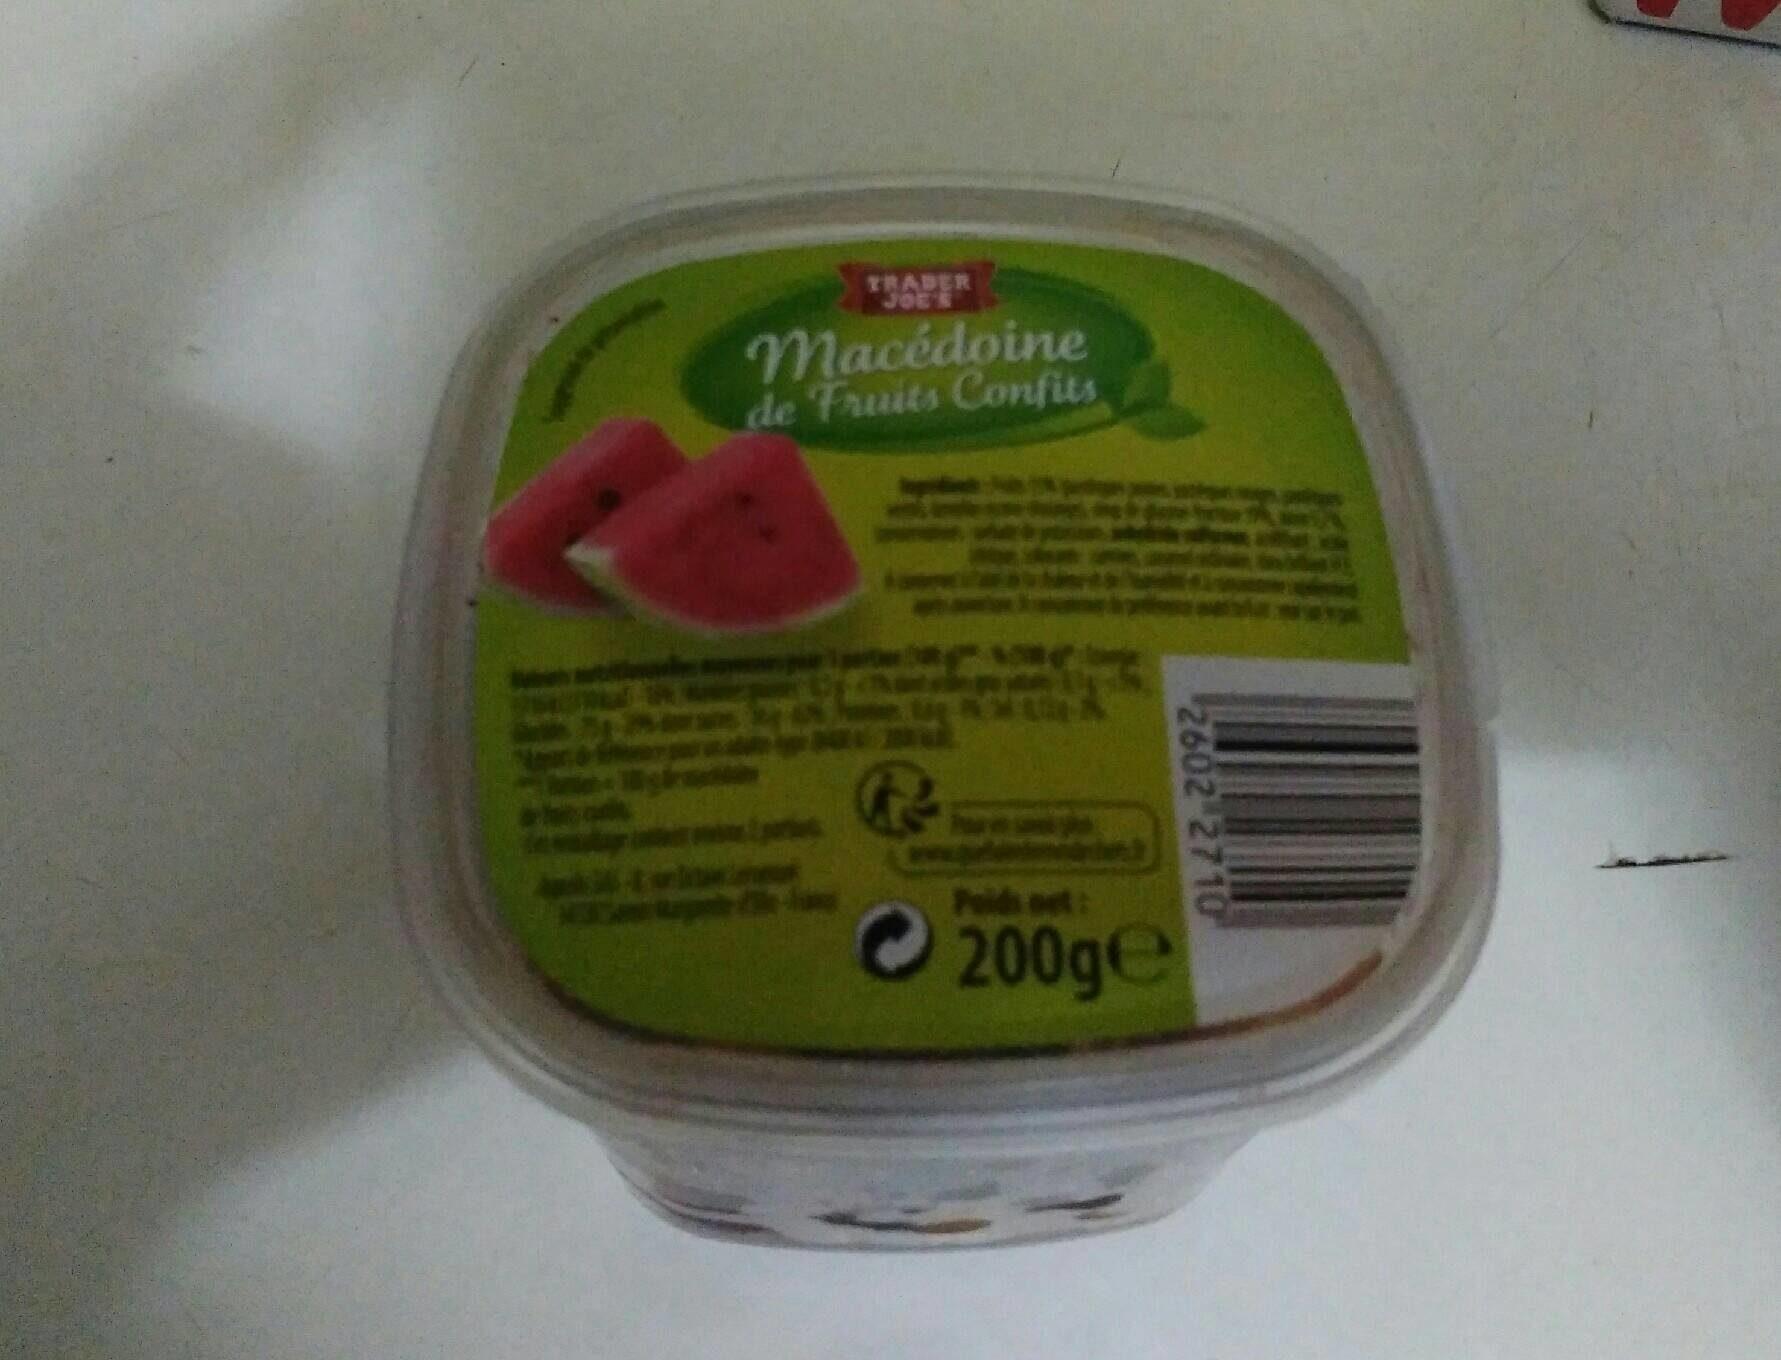 Macédoine de fruits confis - Product